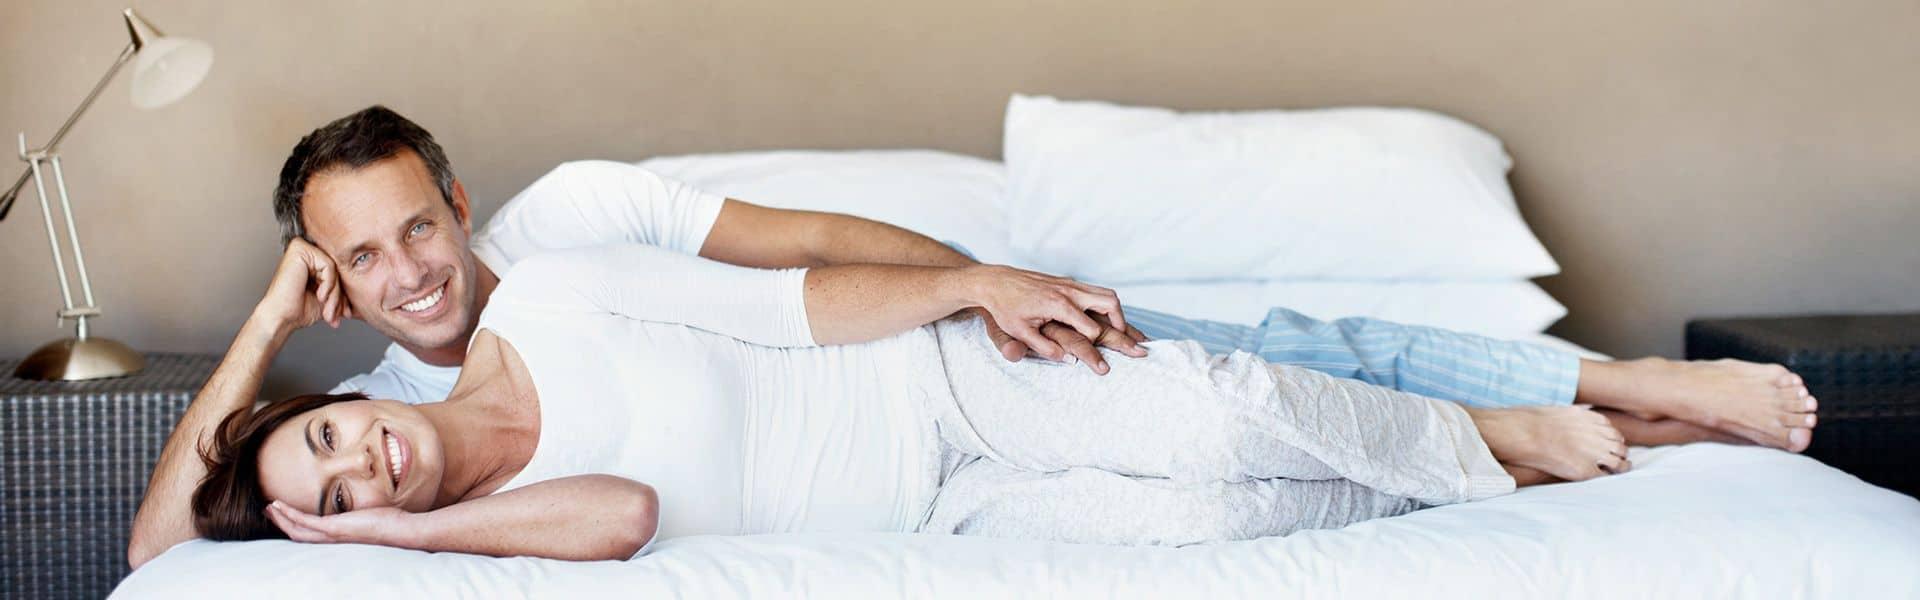 Betten Winkler - Qualität für guten Schlaf seit 1925